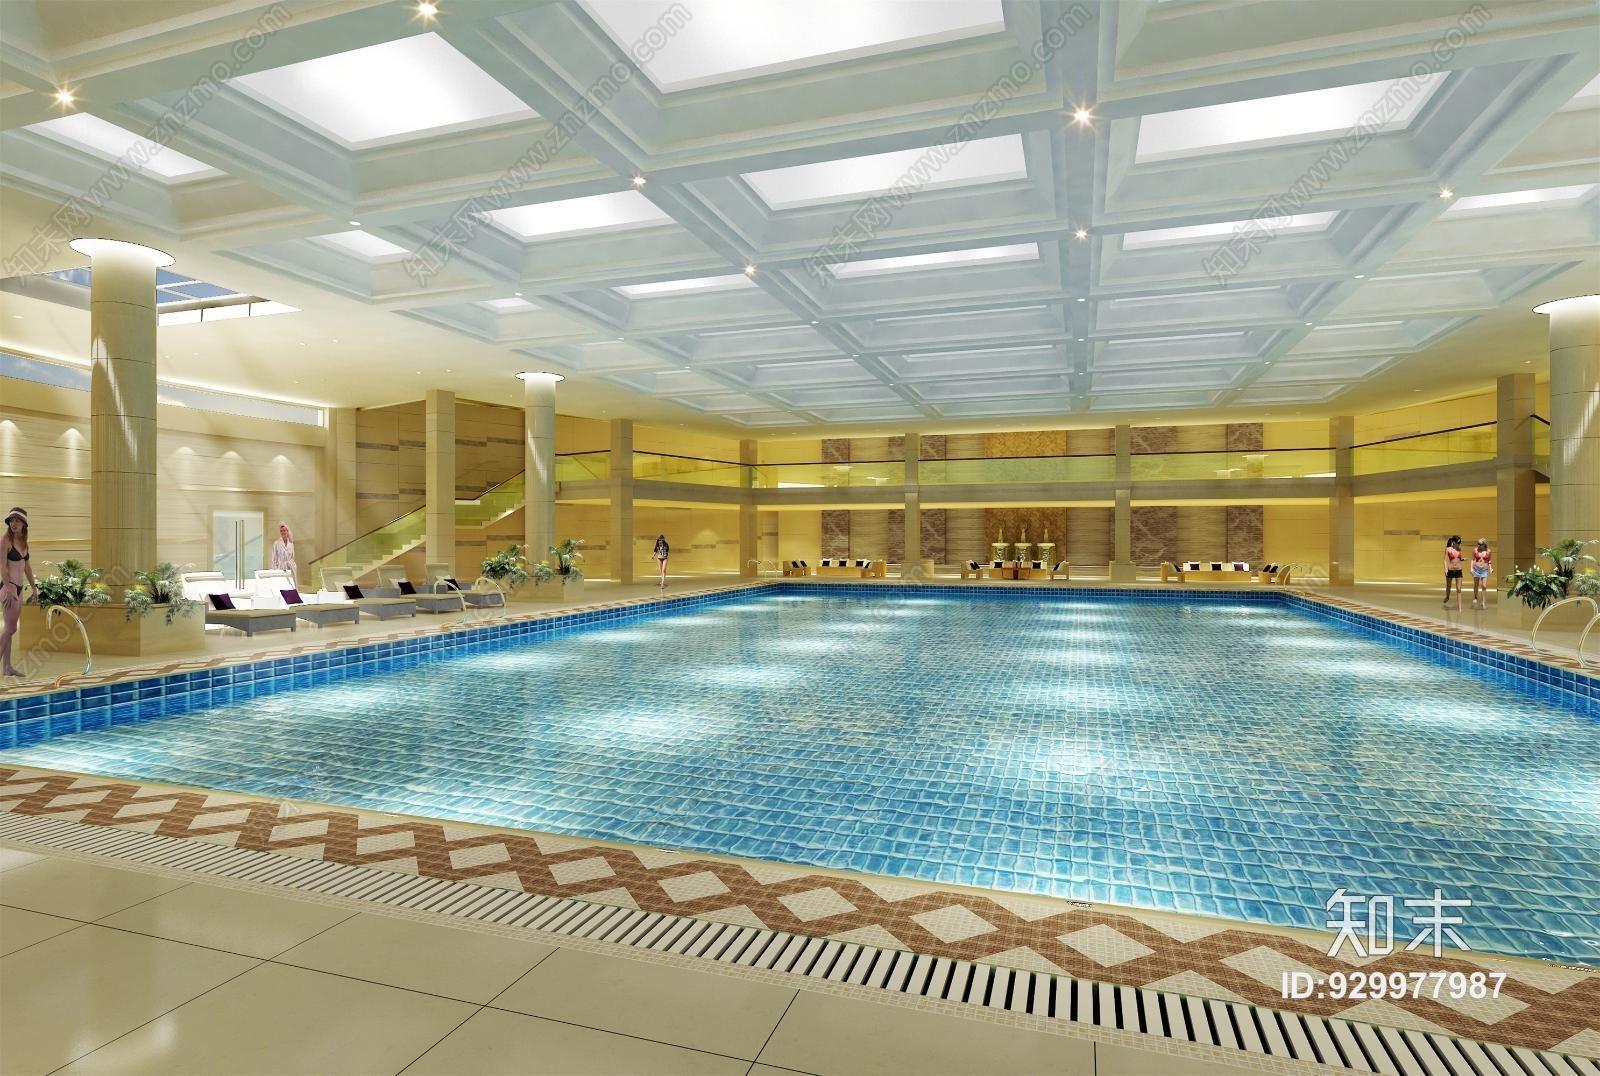 室内游泳池休息区3D模型教育建筑设计审定审核图片